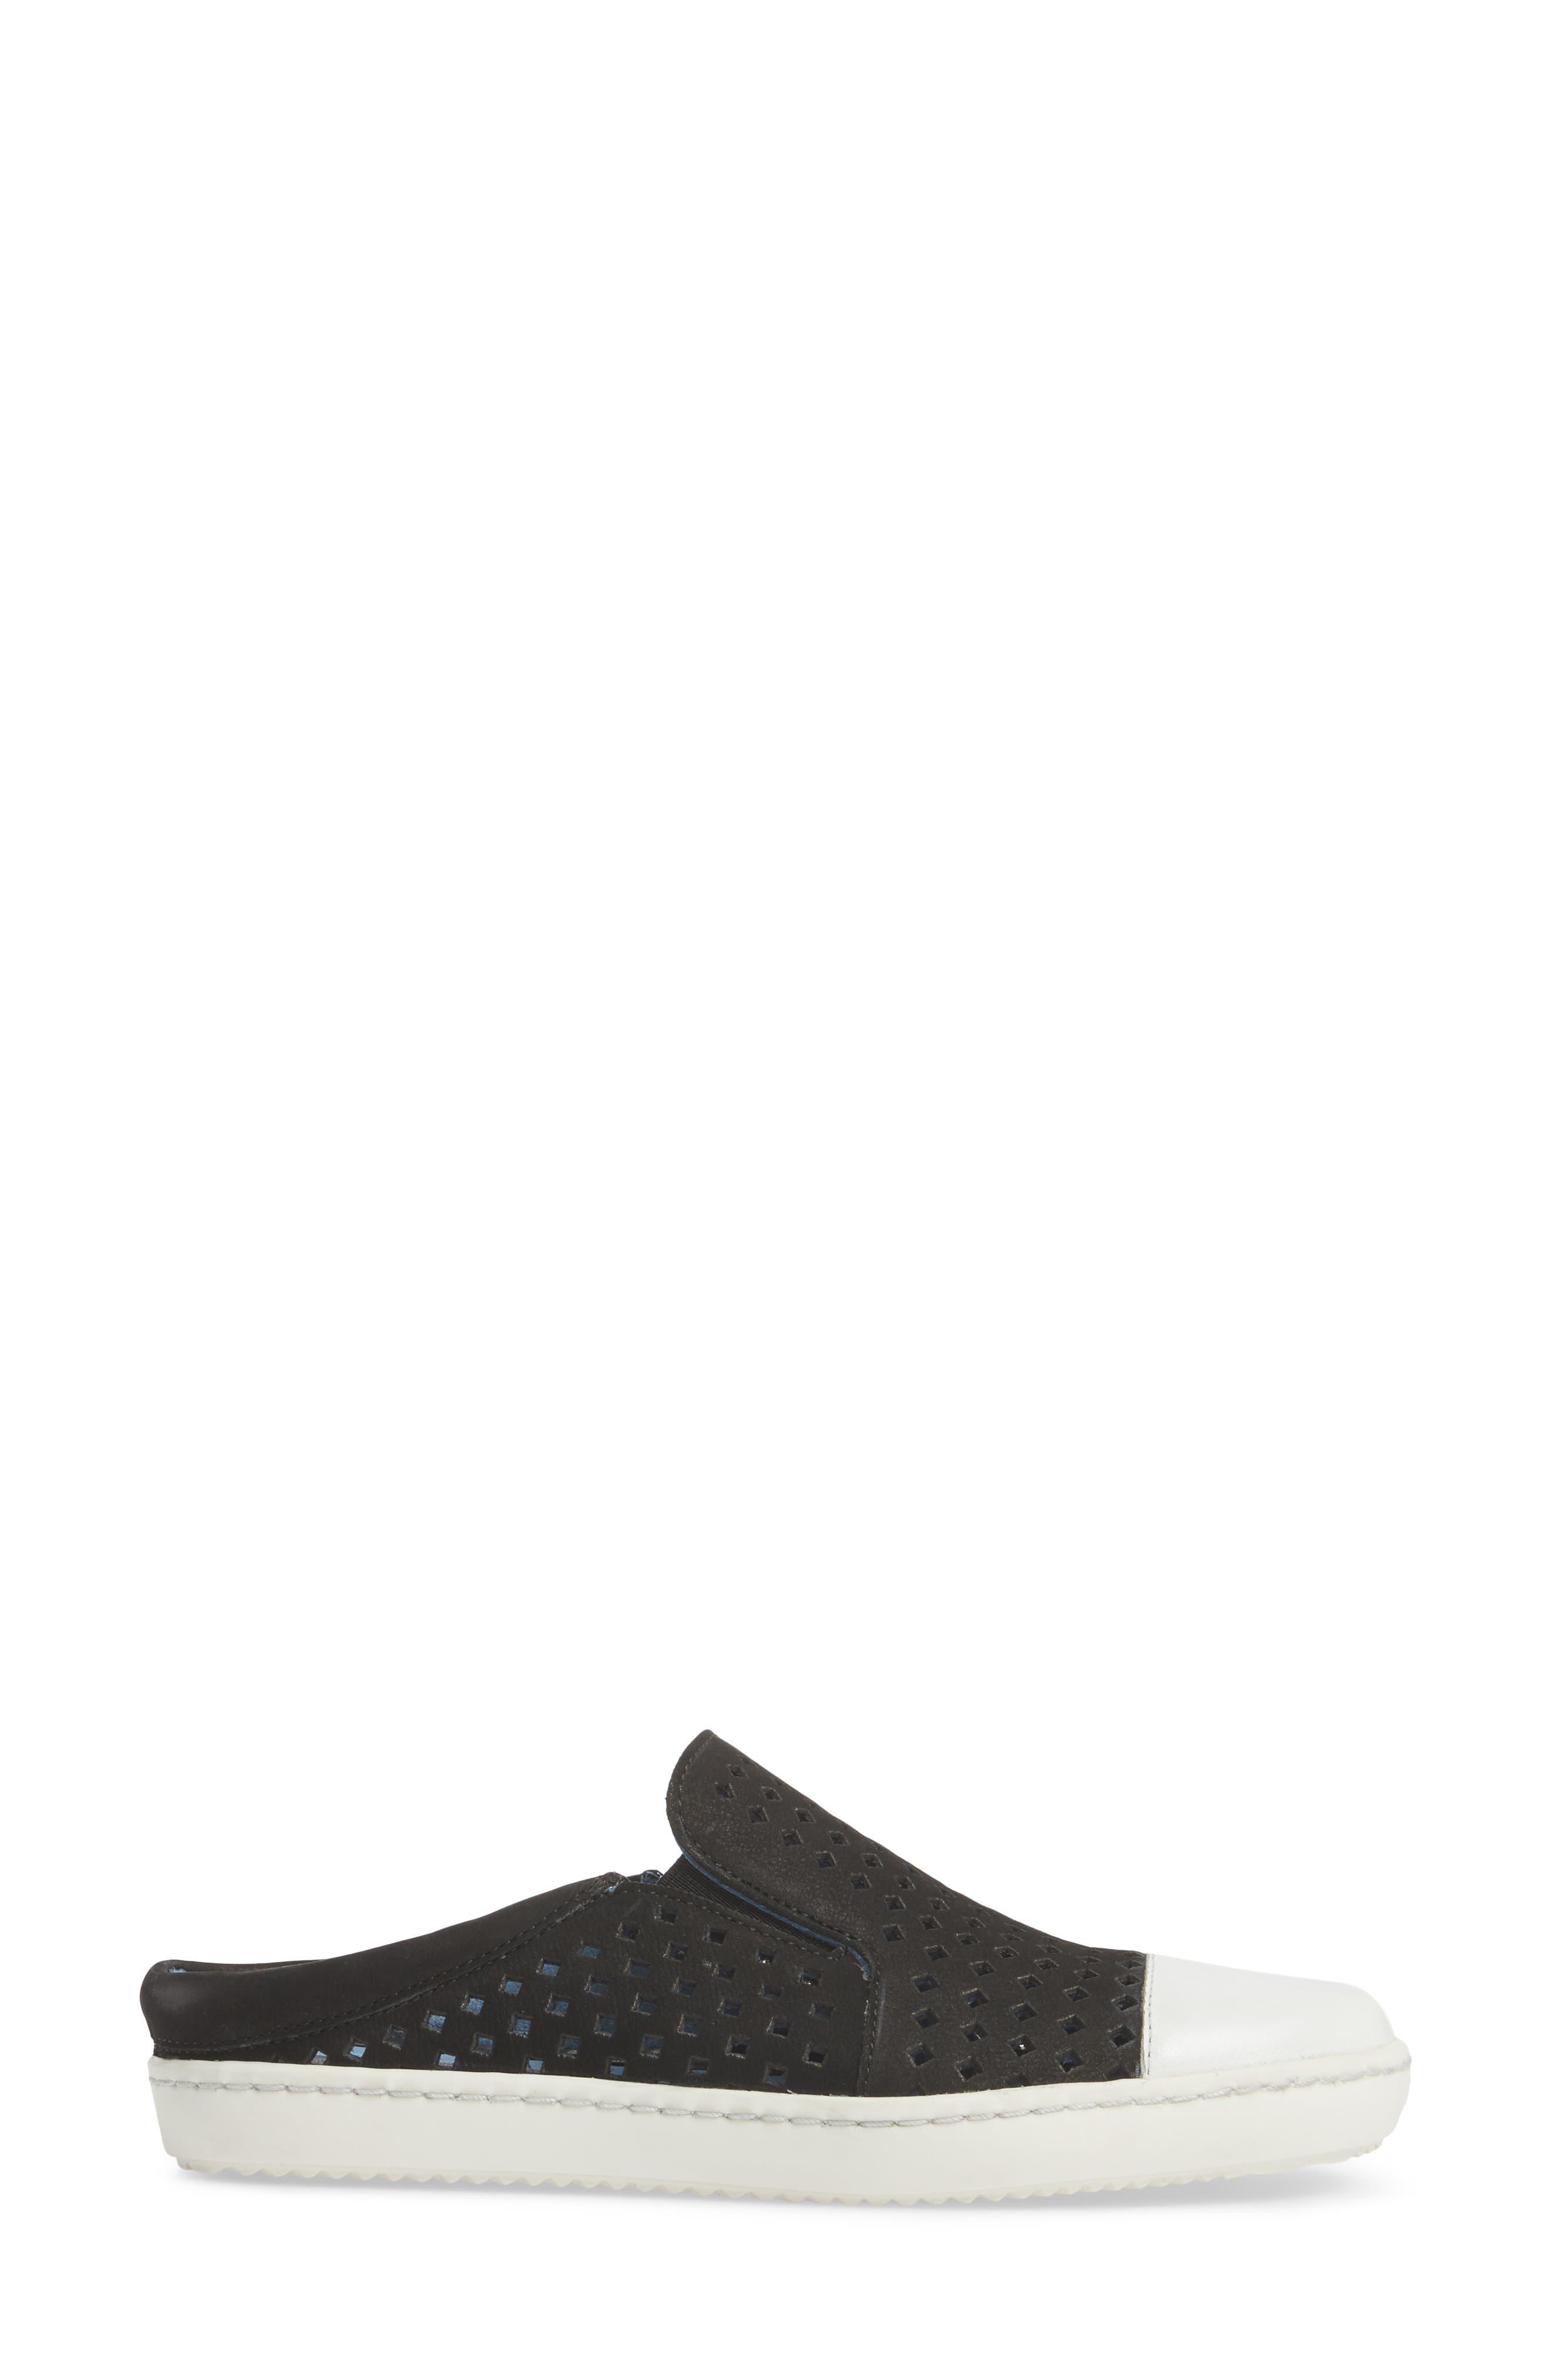 Tippy Slip-On Sneaker,                             Alternate thumbnail 3, color,                             003